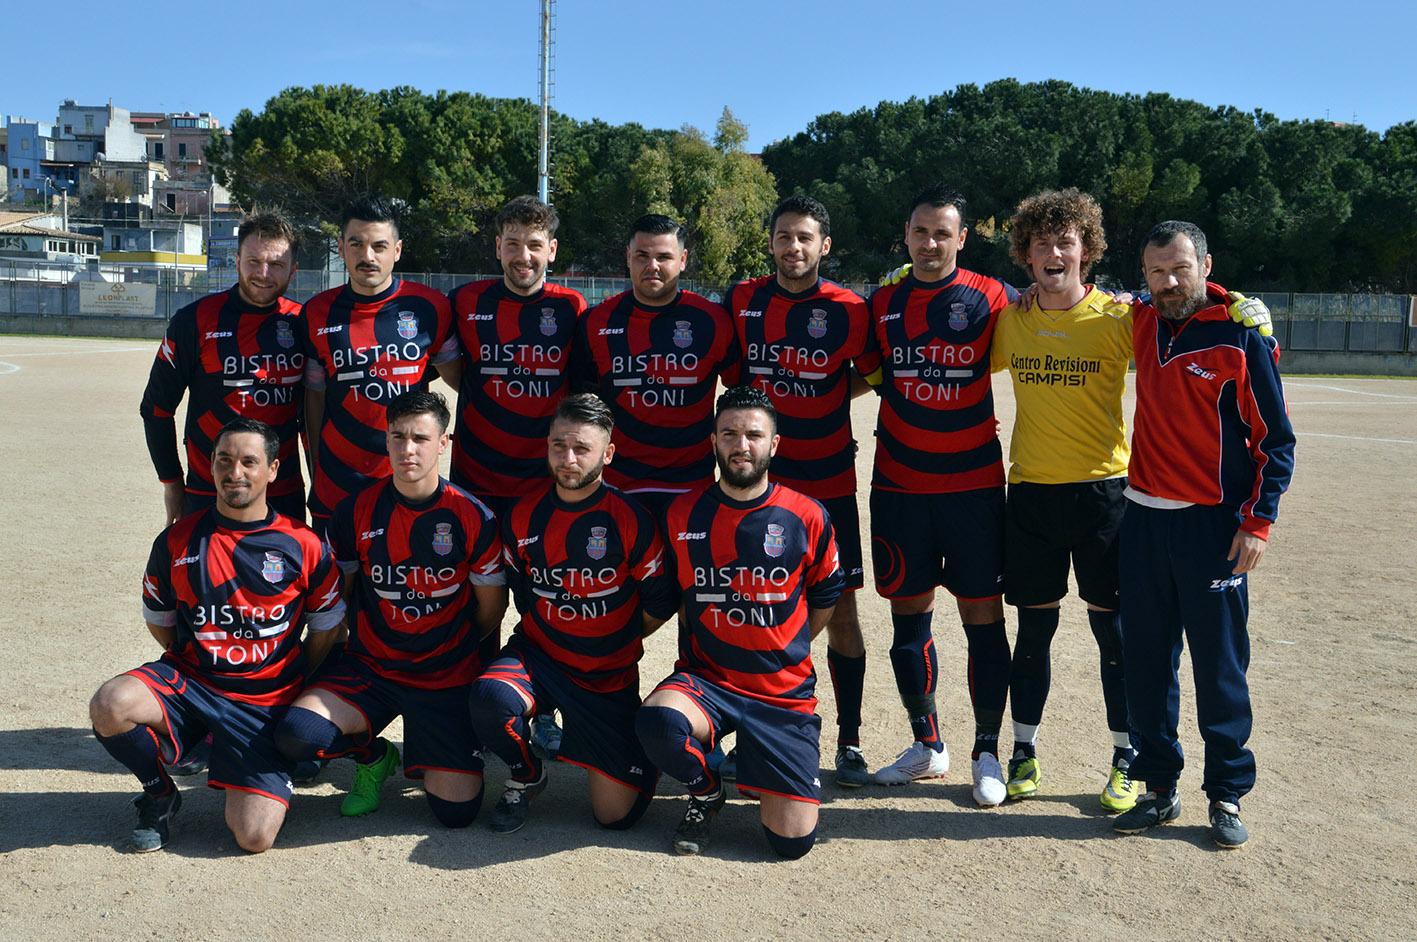 Il Portopalo nato in canonica a 90 minuti dalla promozione in Prima categoria